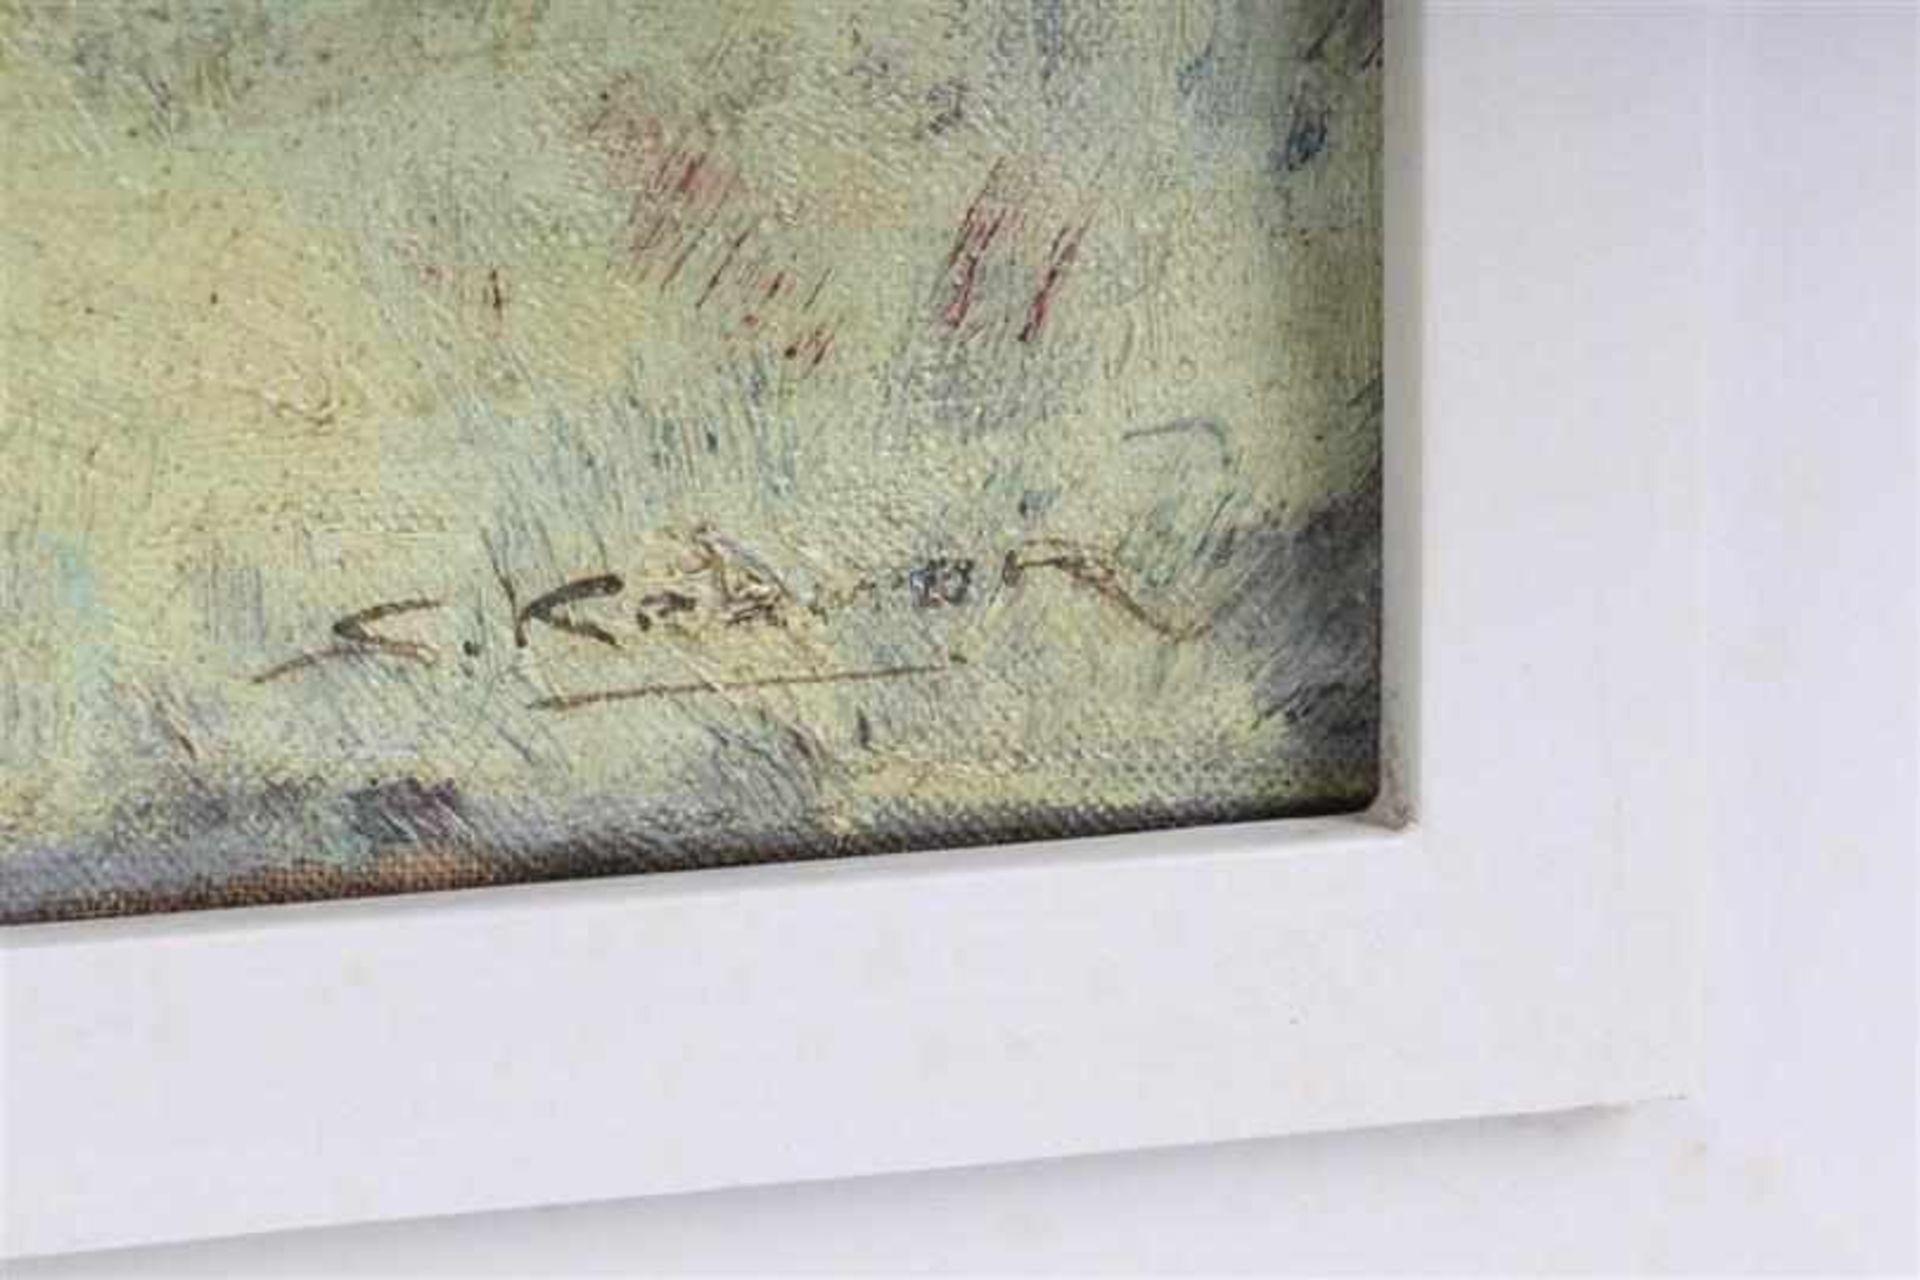 Schilderij, olieverf op doek 'Strandgezicht'. Simon Kramer (1880-1957) HxB: 49.3 x 79.3 cm. - Bild 2 aus 3